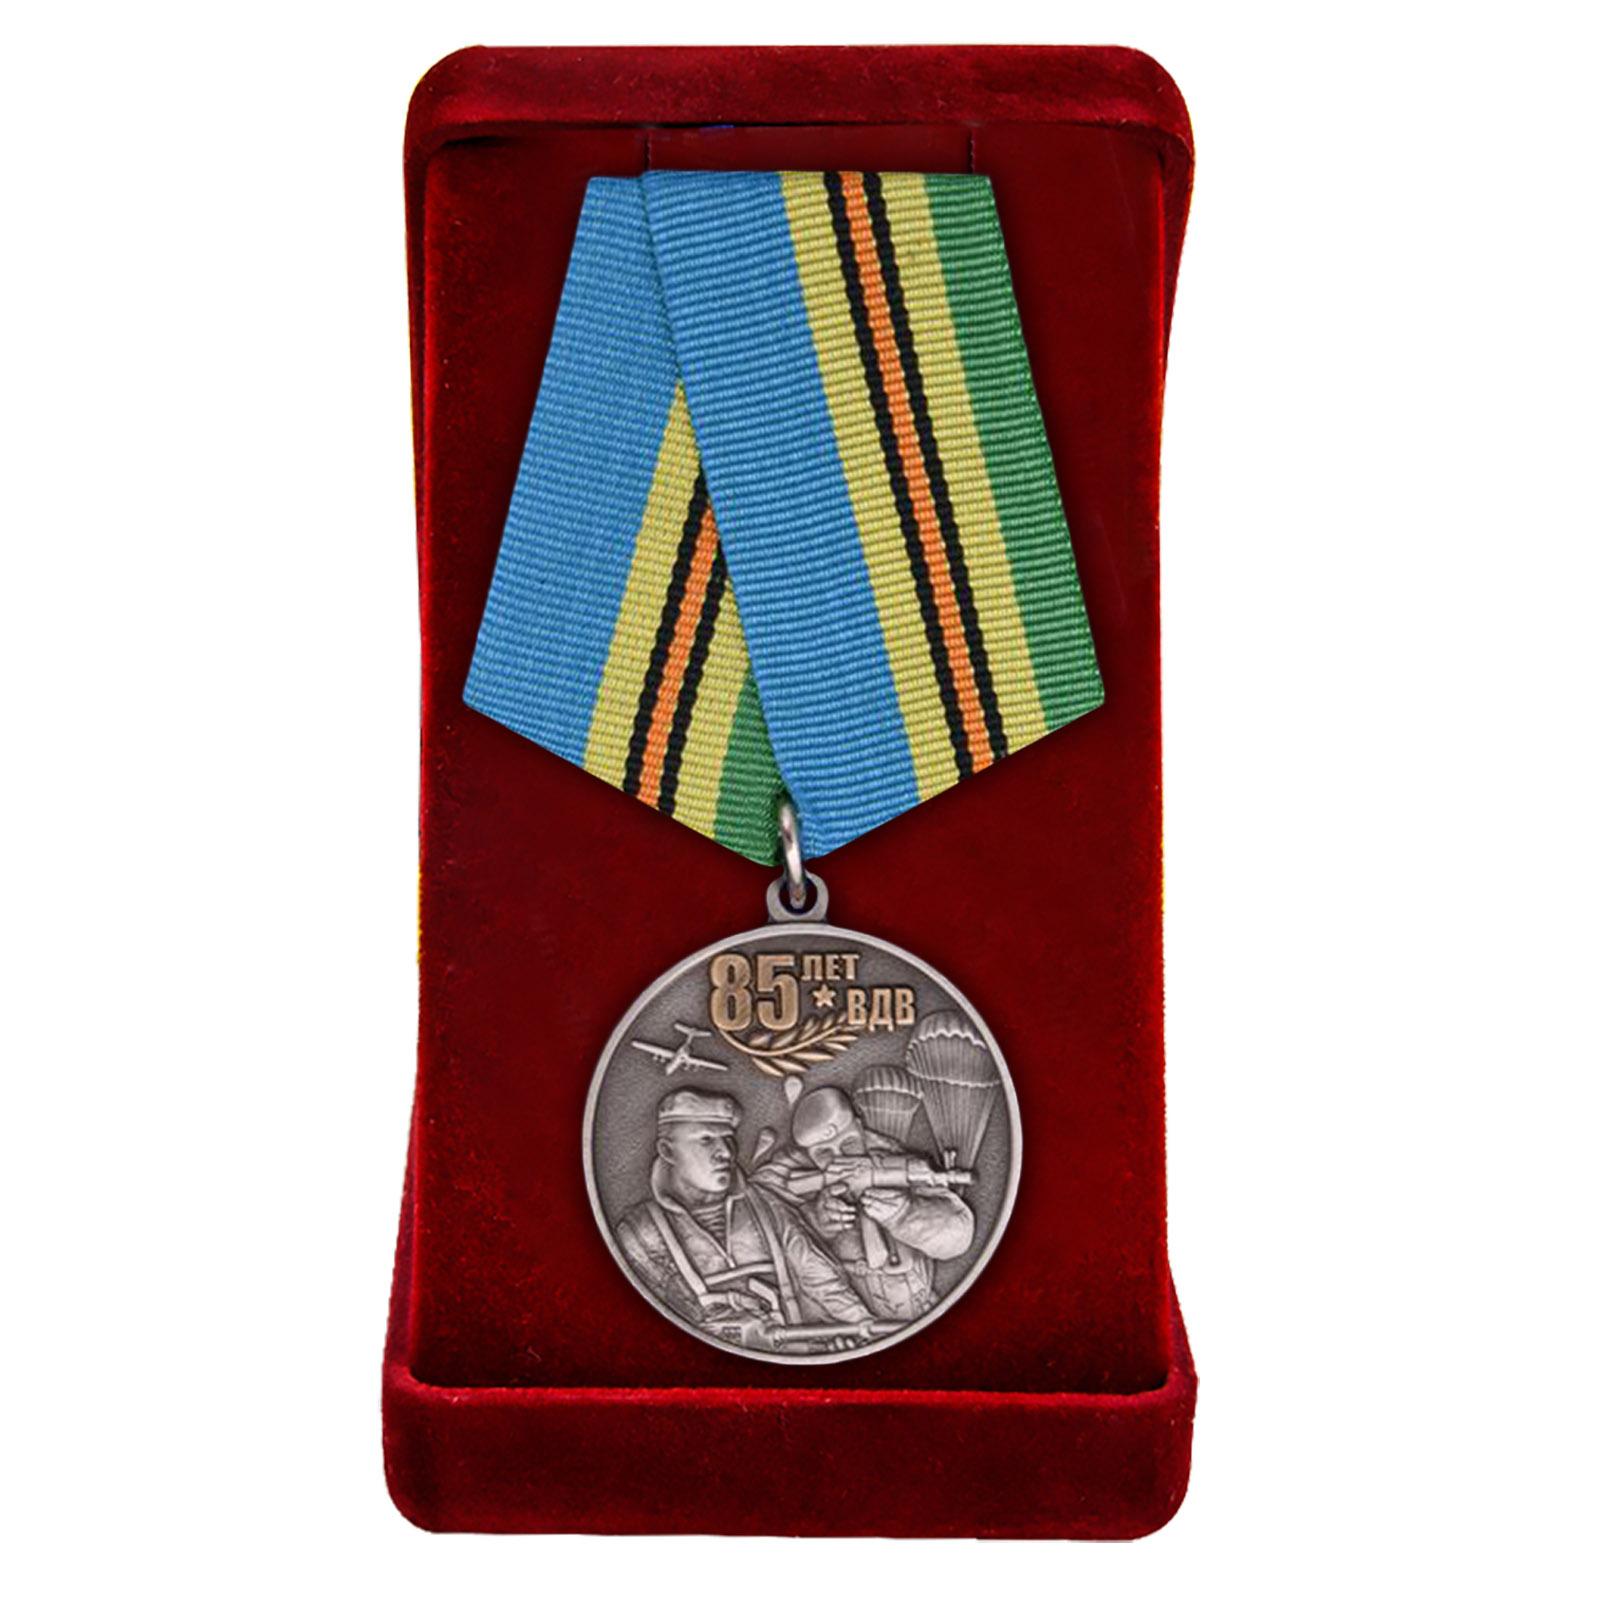 Купить юбилейную медаль Воздушно-десантных войск оптом или в розницу